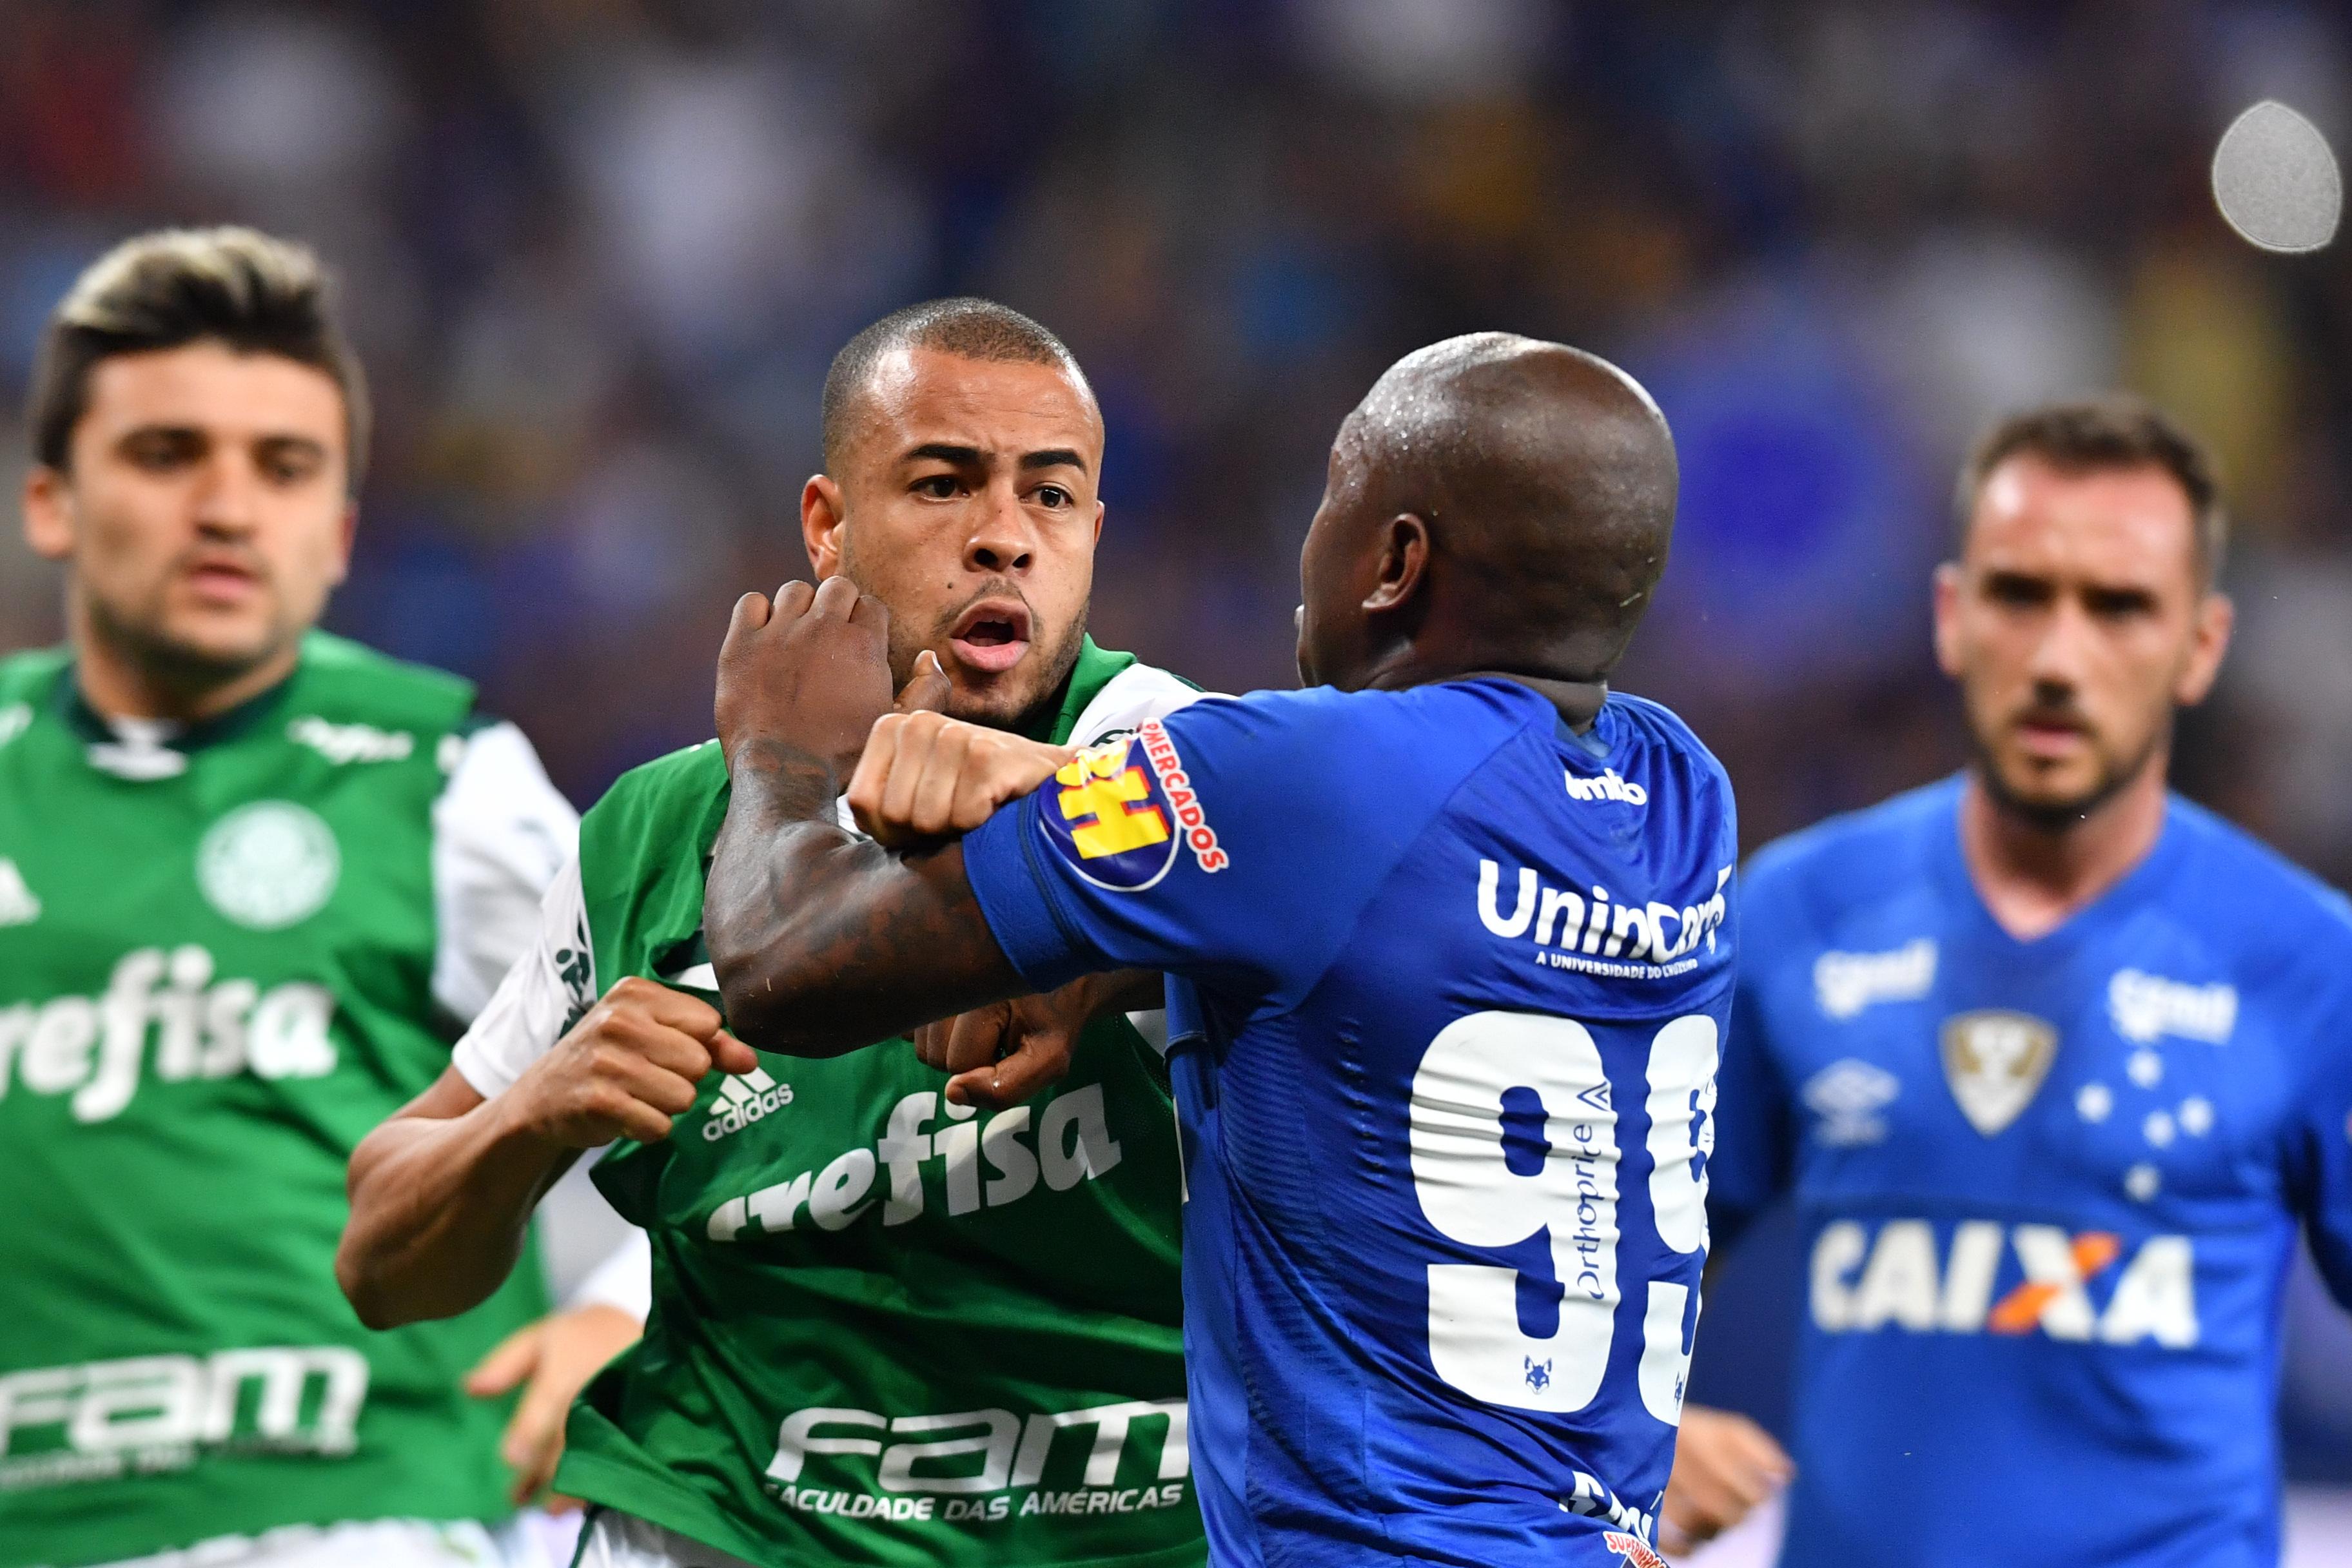 Caso Cruzeiro x Palmeiras  Sassá é suspenso por seis partidas  Mayke e  Diogo Barbosa levam dois jogos  c31f7cfb99730